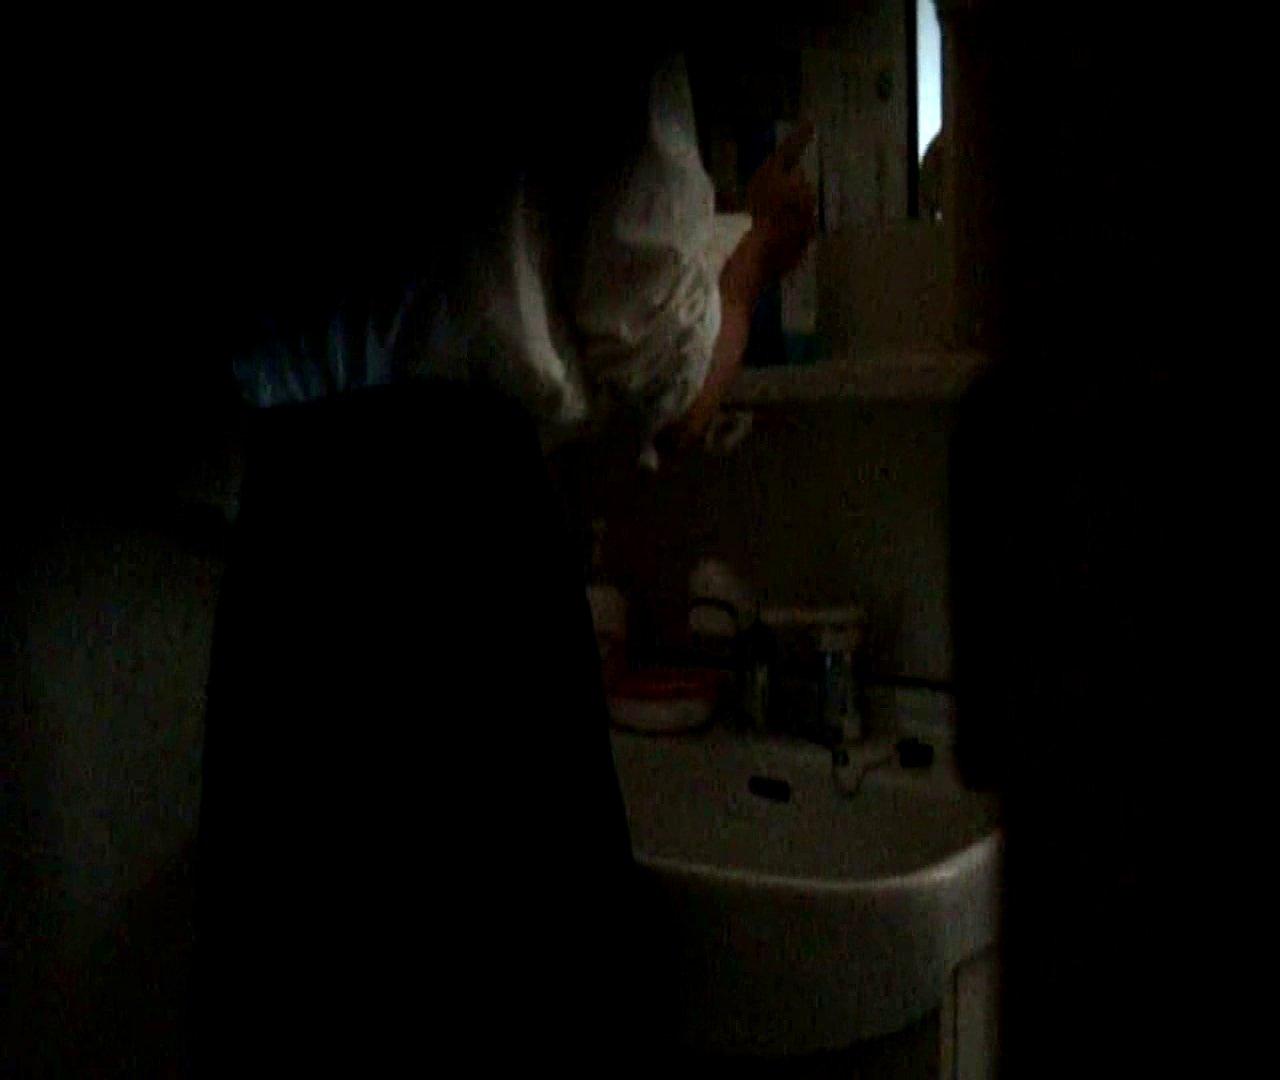 二人とも育てた甲斐がありました… vol.05 まどかが洗顔後にブラを洗濯 HなOL | 0  98pic 32